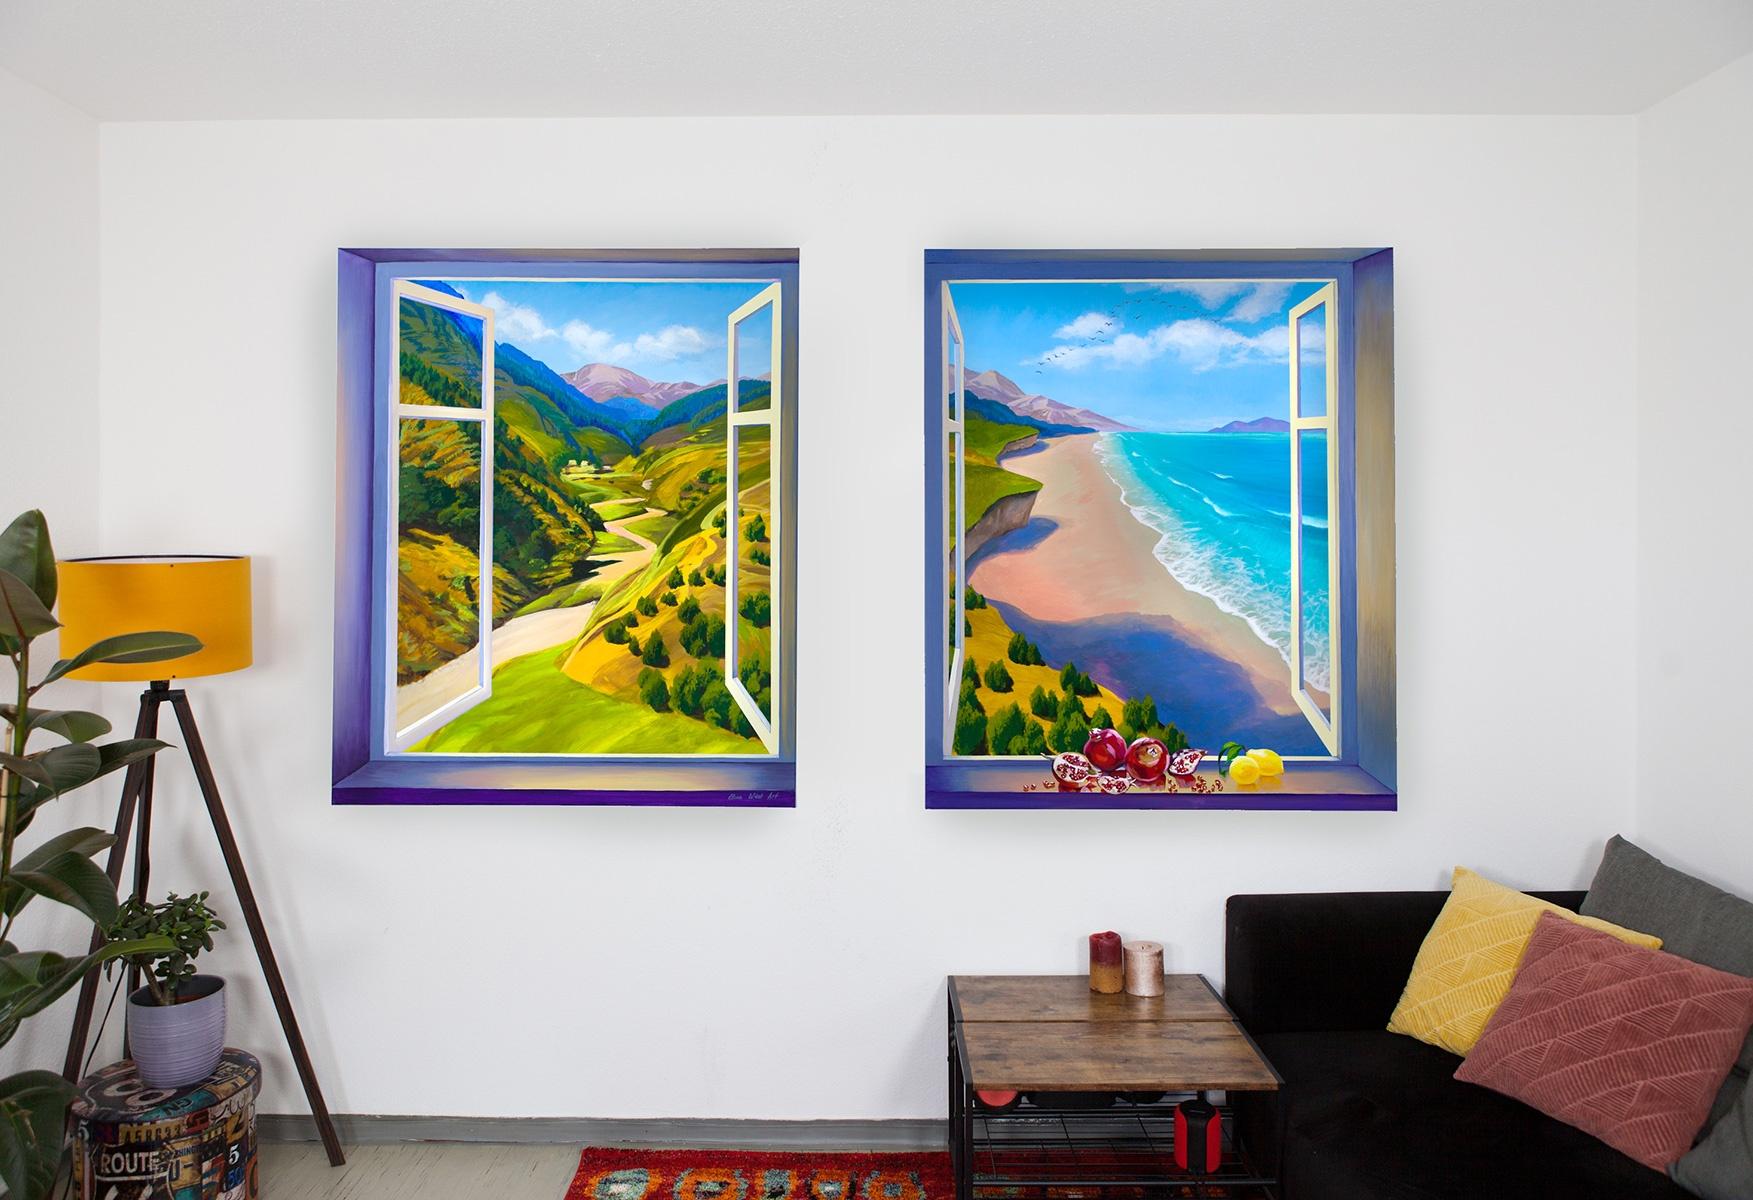 Fenster im Zimmer malen